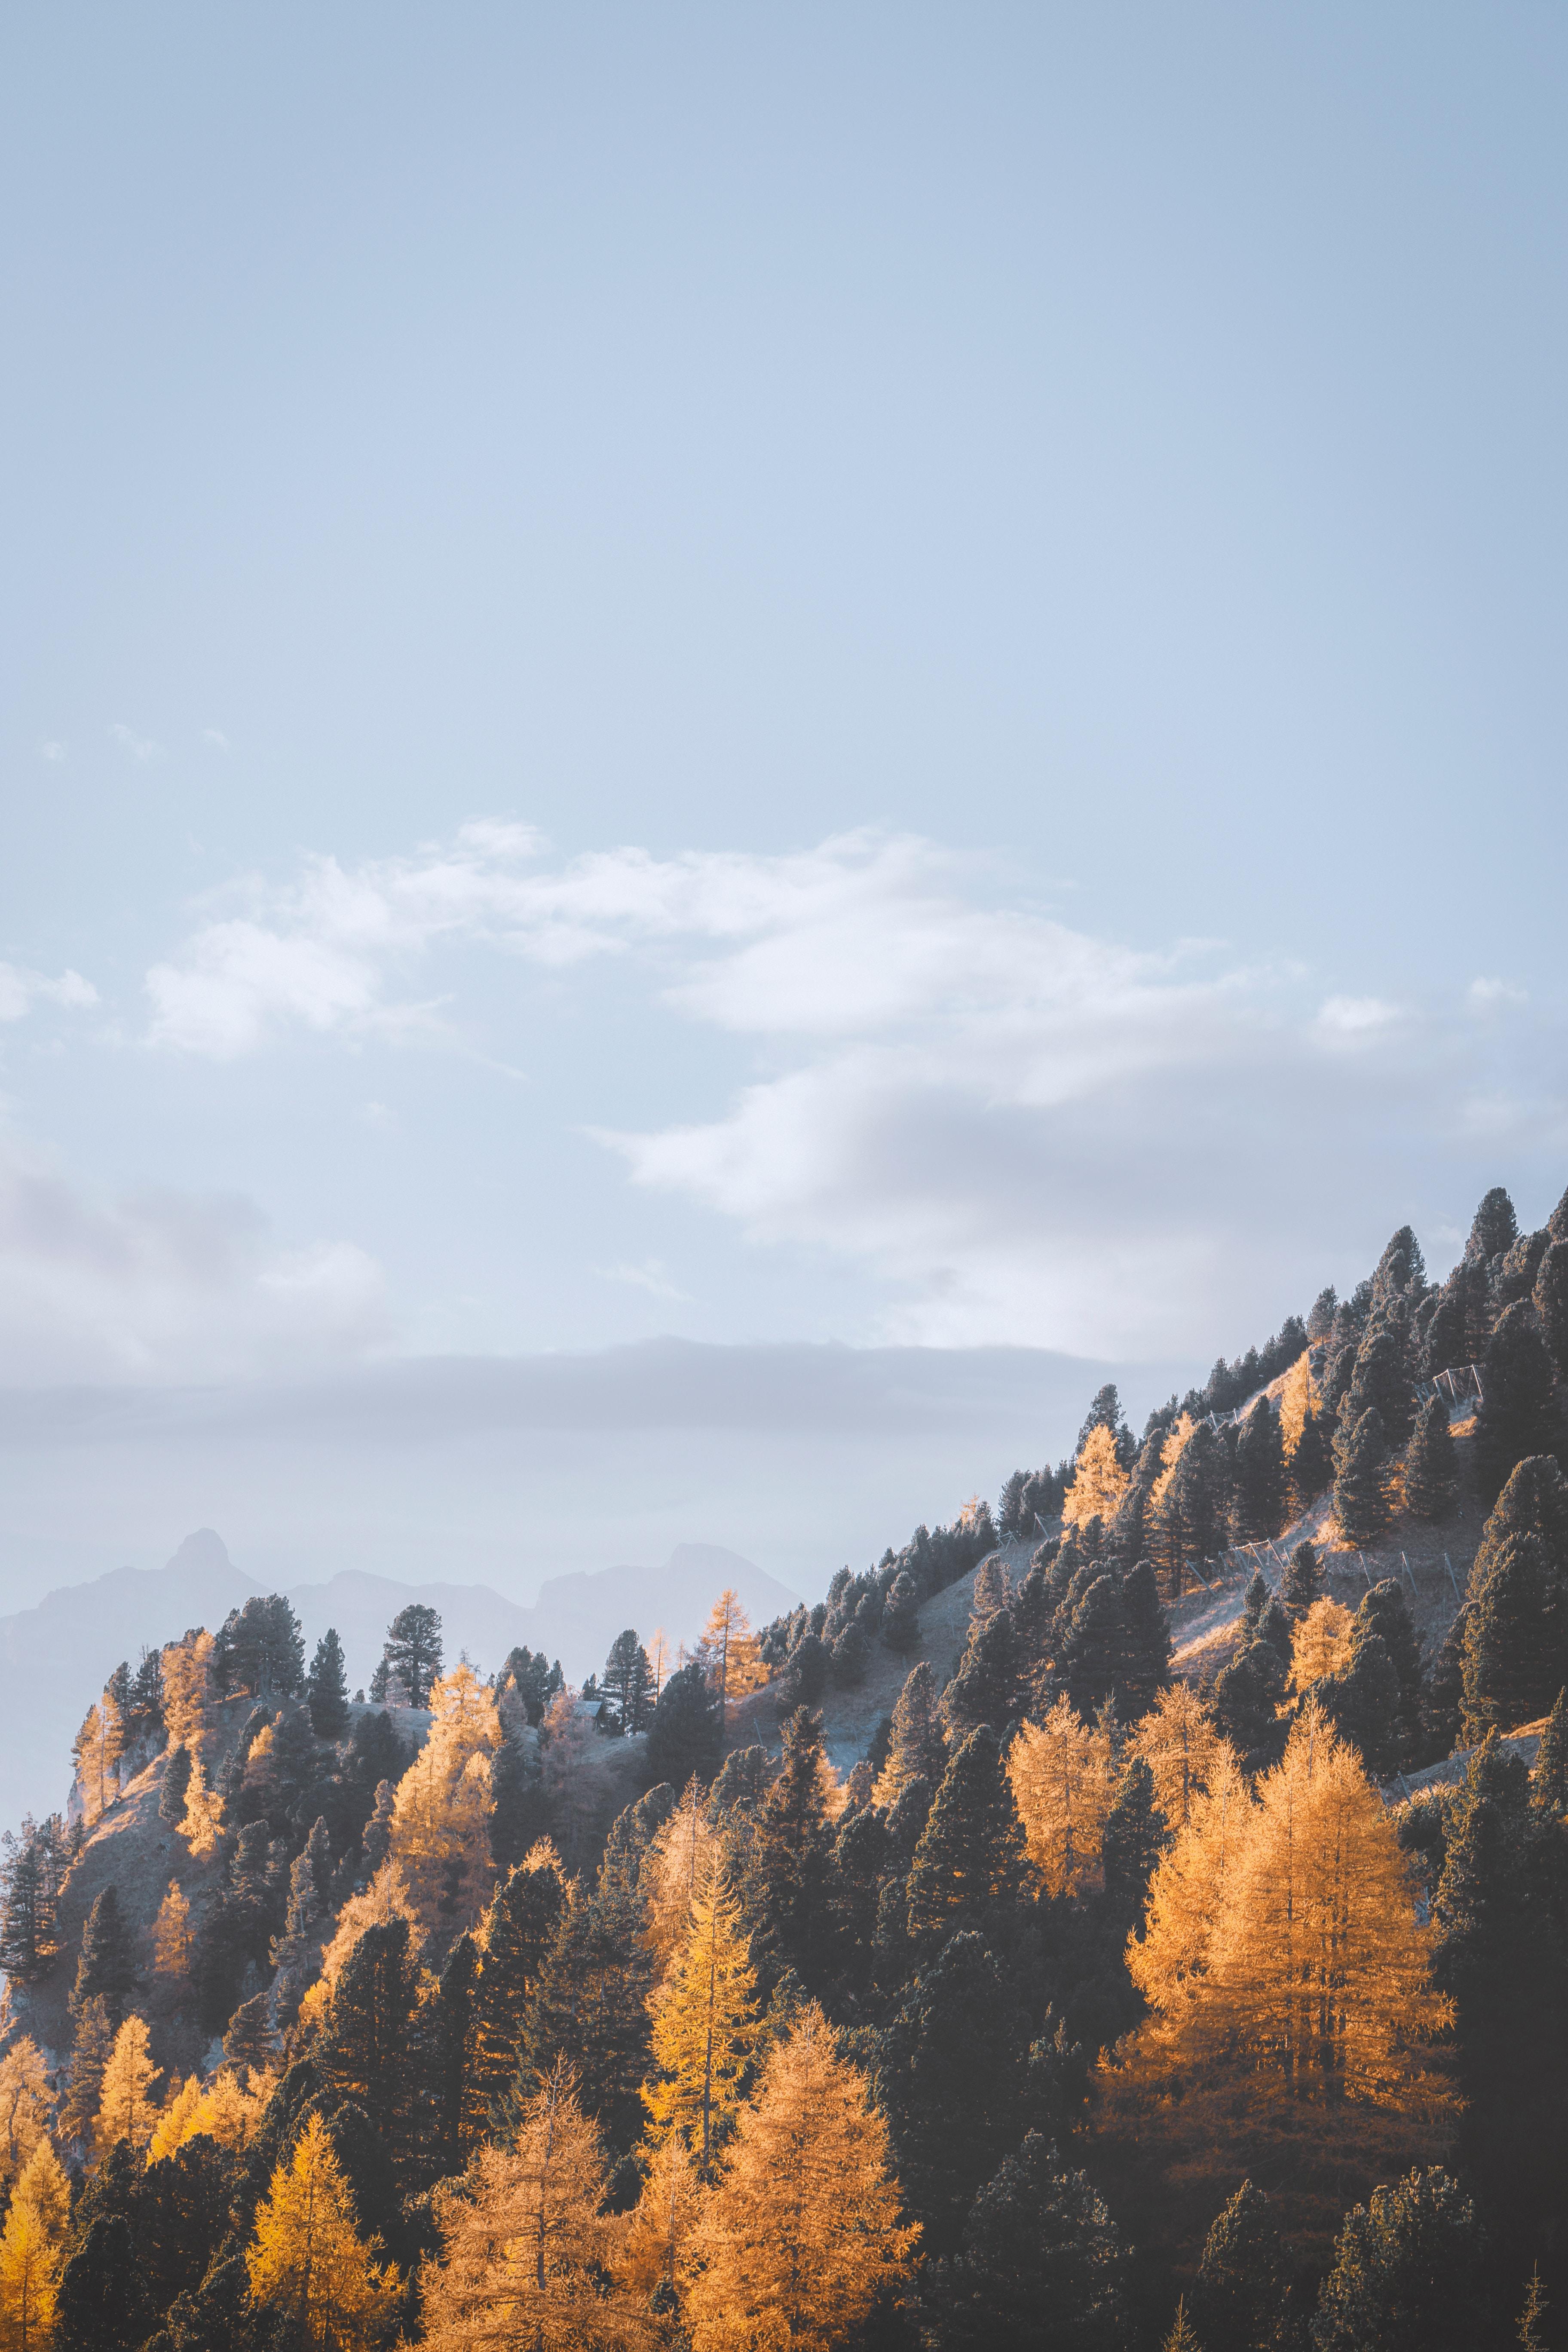 142806 Salvapantallas y fondos de pantalla Paisaje en tu teléfono. Descarga imágenes de Naturaleza, Árboles, Niebla, Pendiente, Cuesta, Montañas, Paisaje gratis